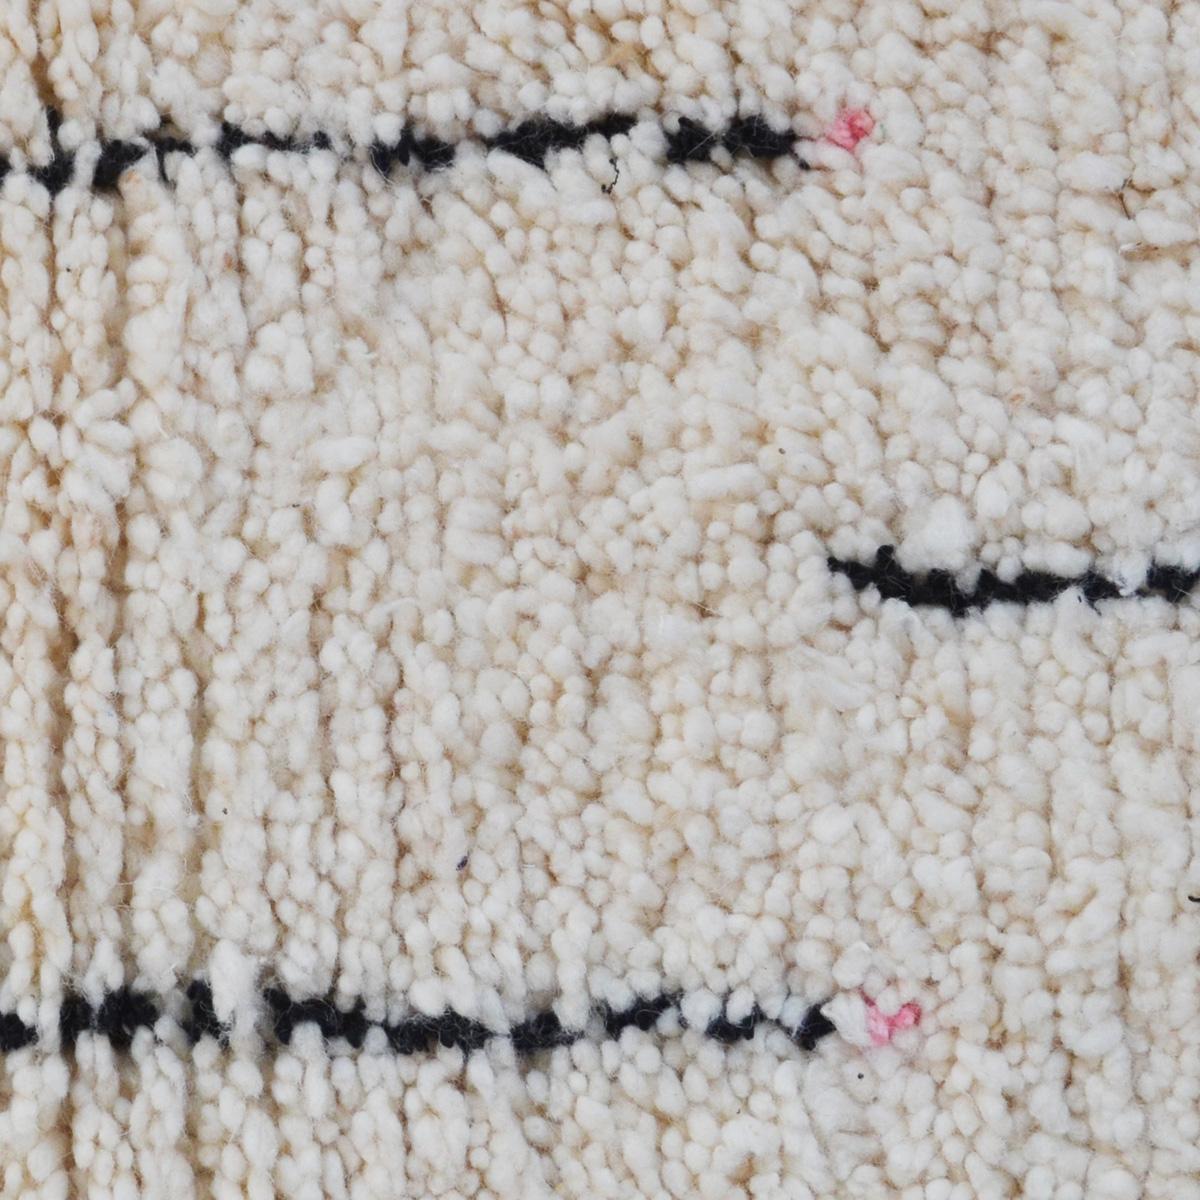 ベニワレン・モロッコラグ//KL10847 //152cm x 102cm//ディアモロッコ